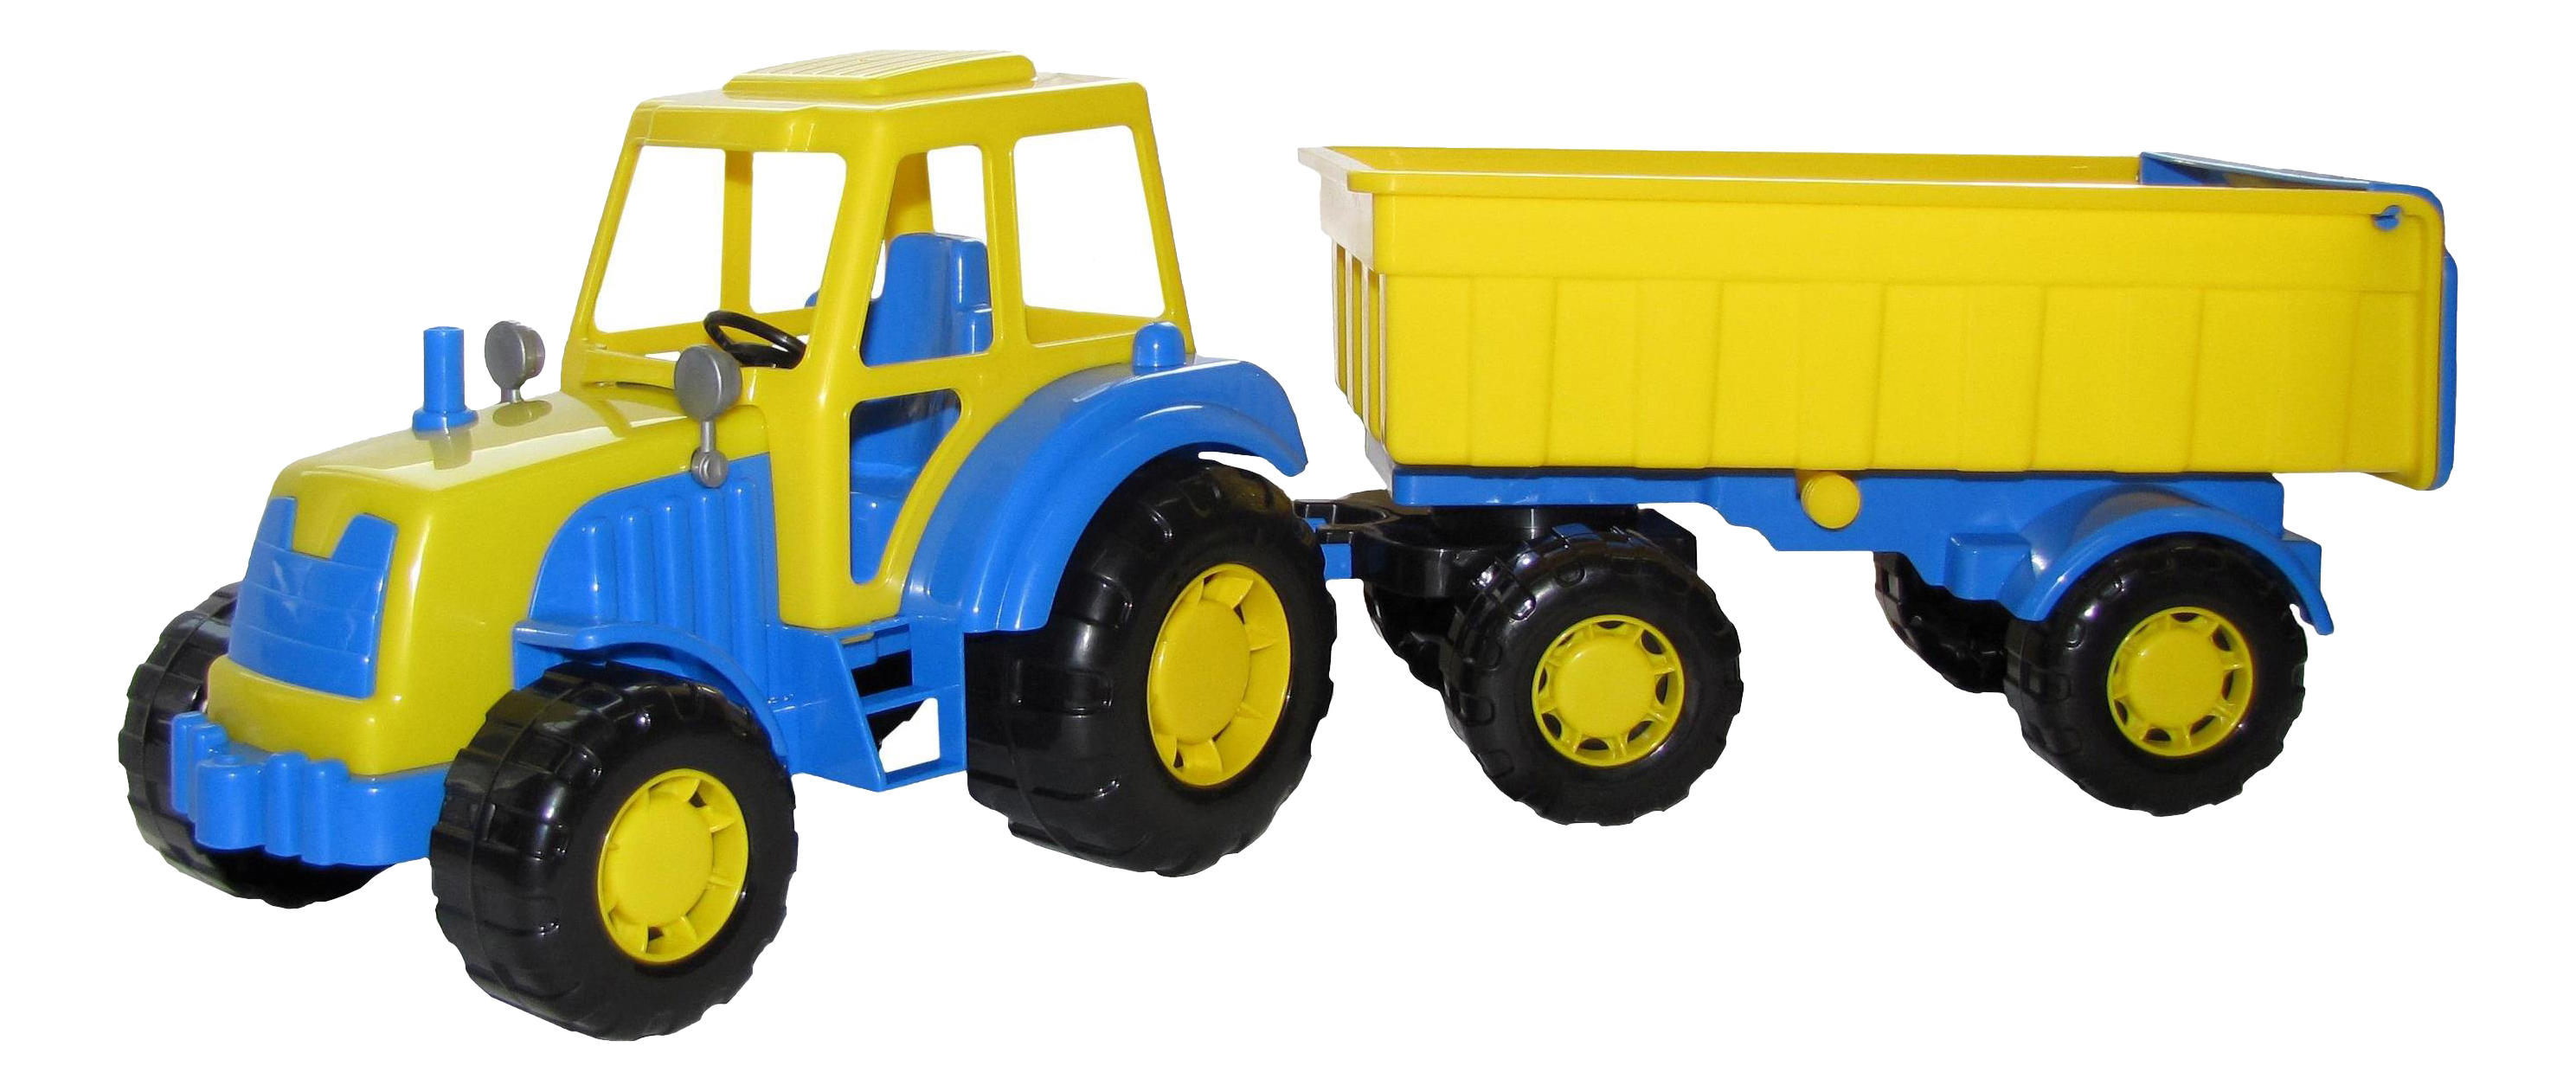 Купить Алтай, трактор с прицепом №1, Трактор с прицепом №1 Полесье Алтай, Строительная техника